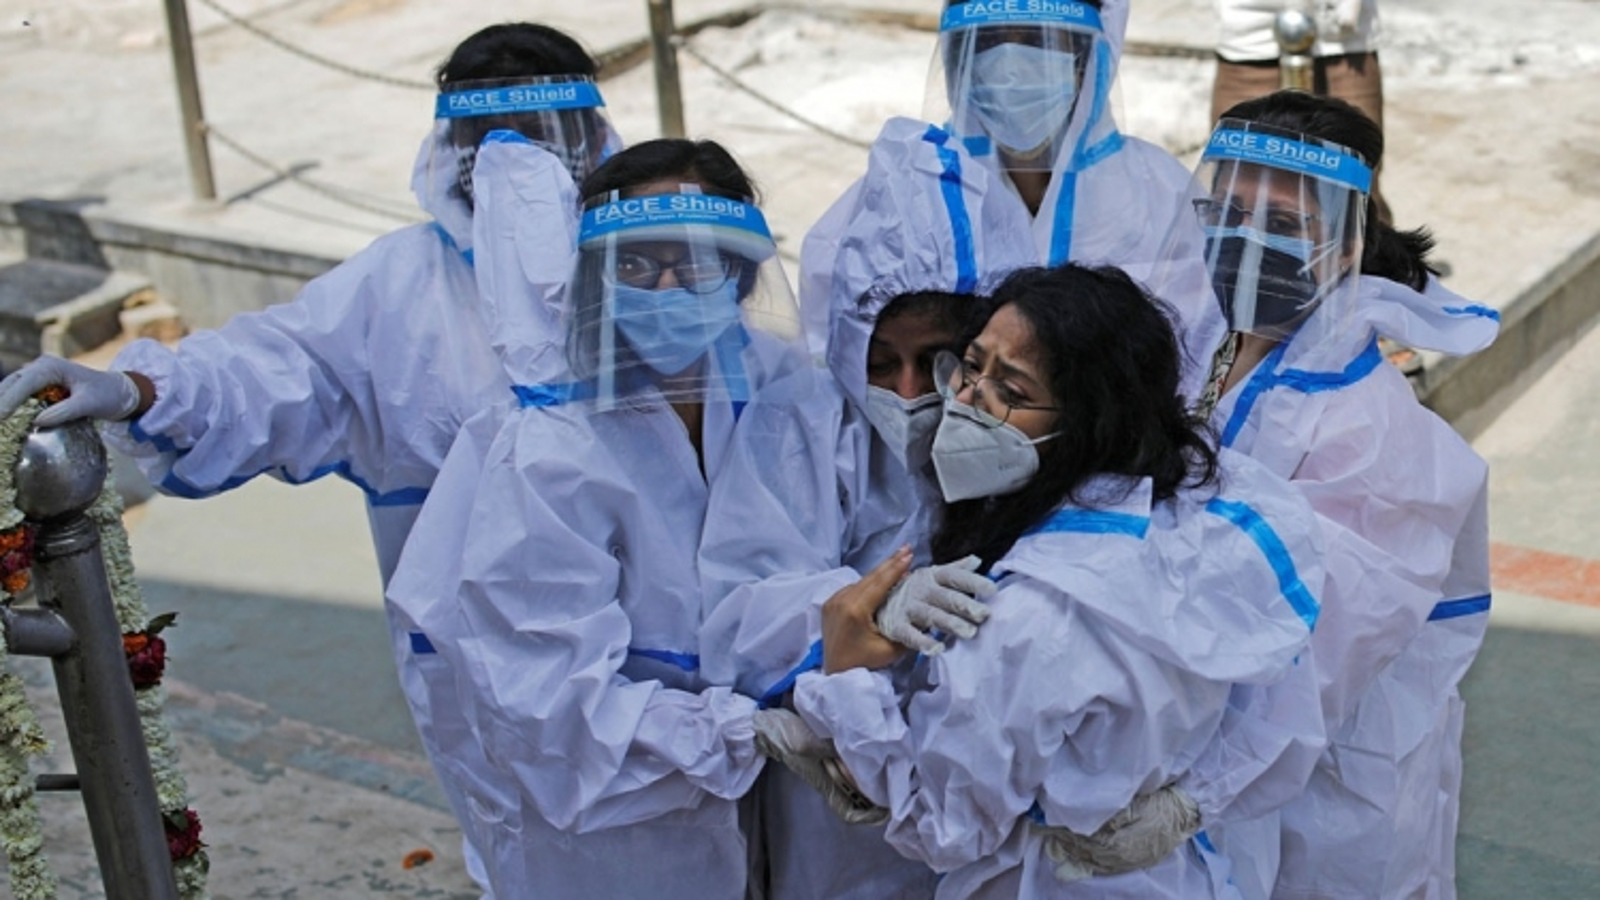 Dịch Covid-19 diễn biến nguy cấp, hút cạn mọi nguồn lực y tế của Ấn Độ